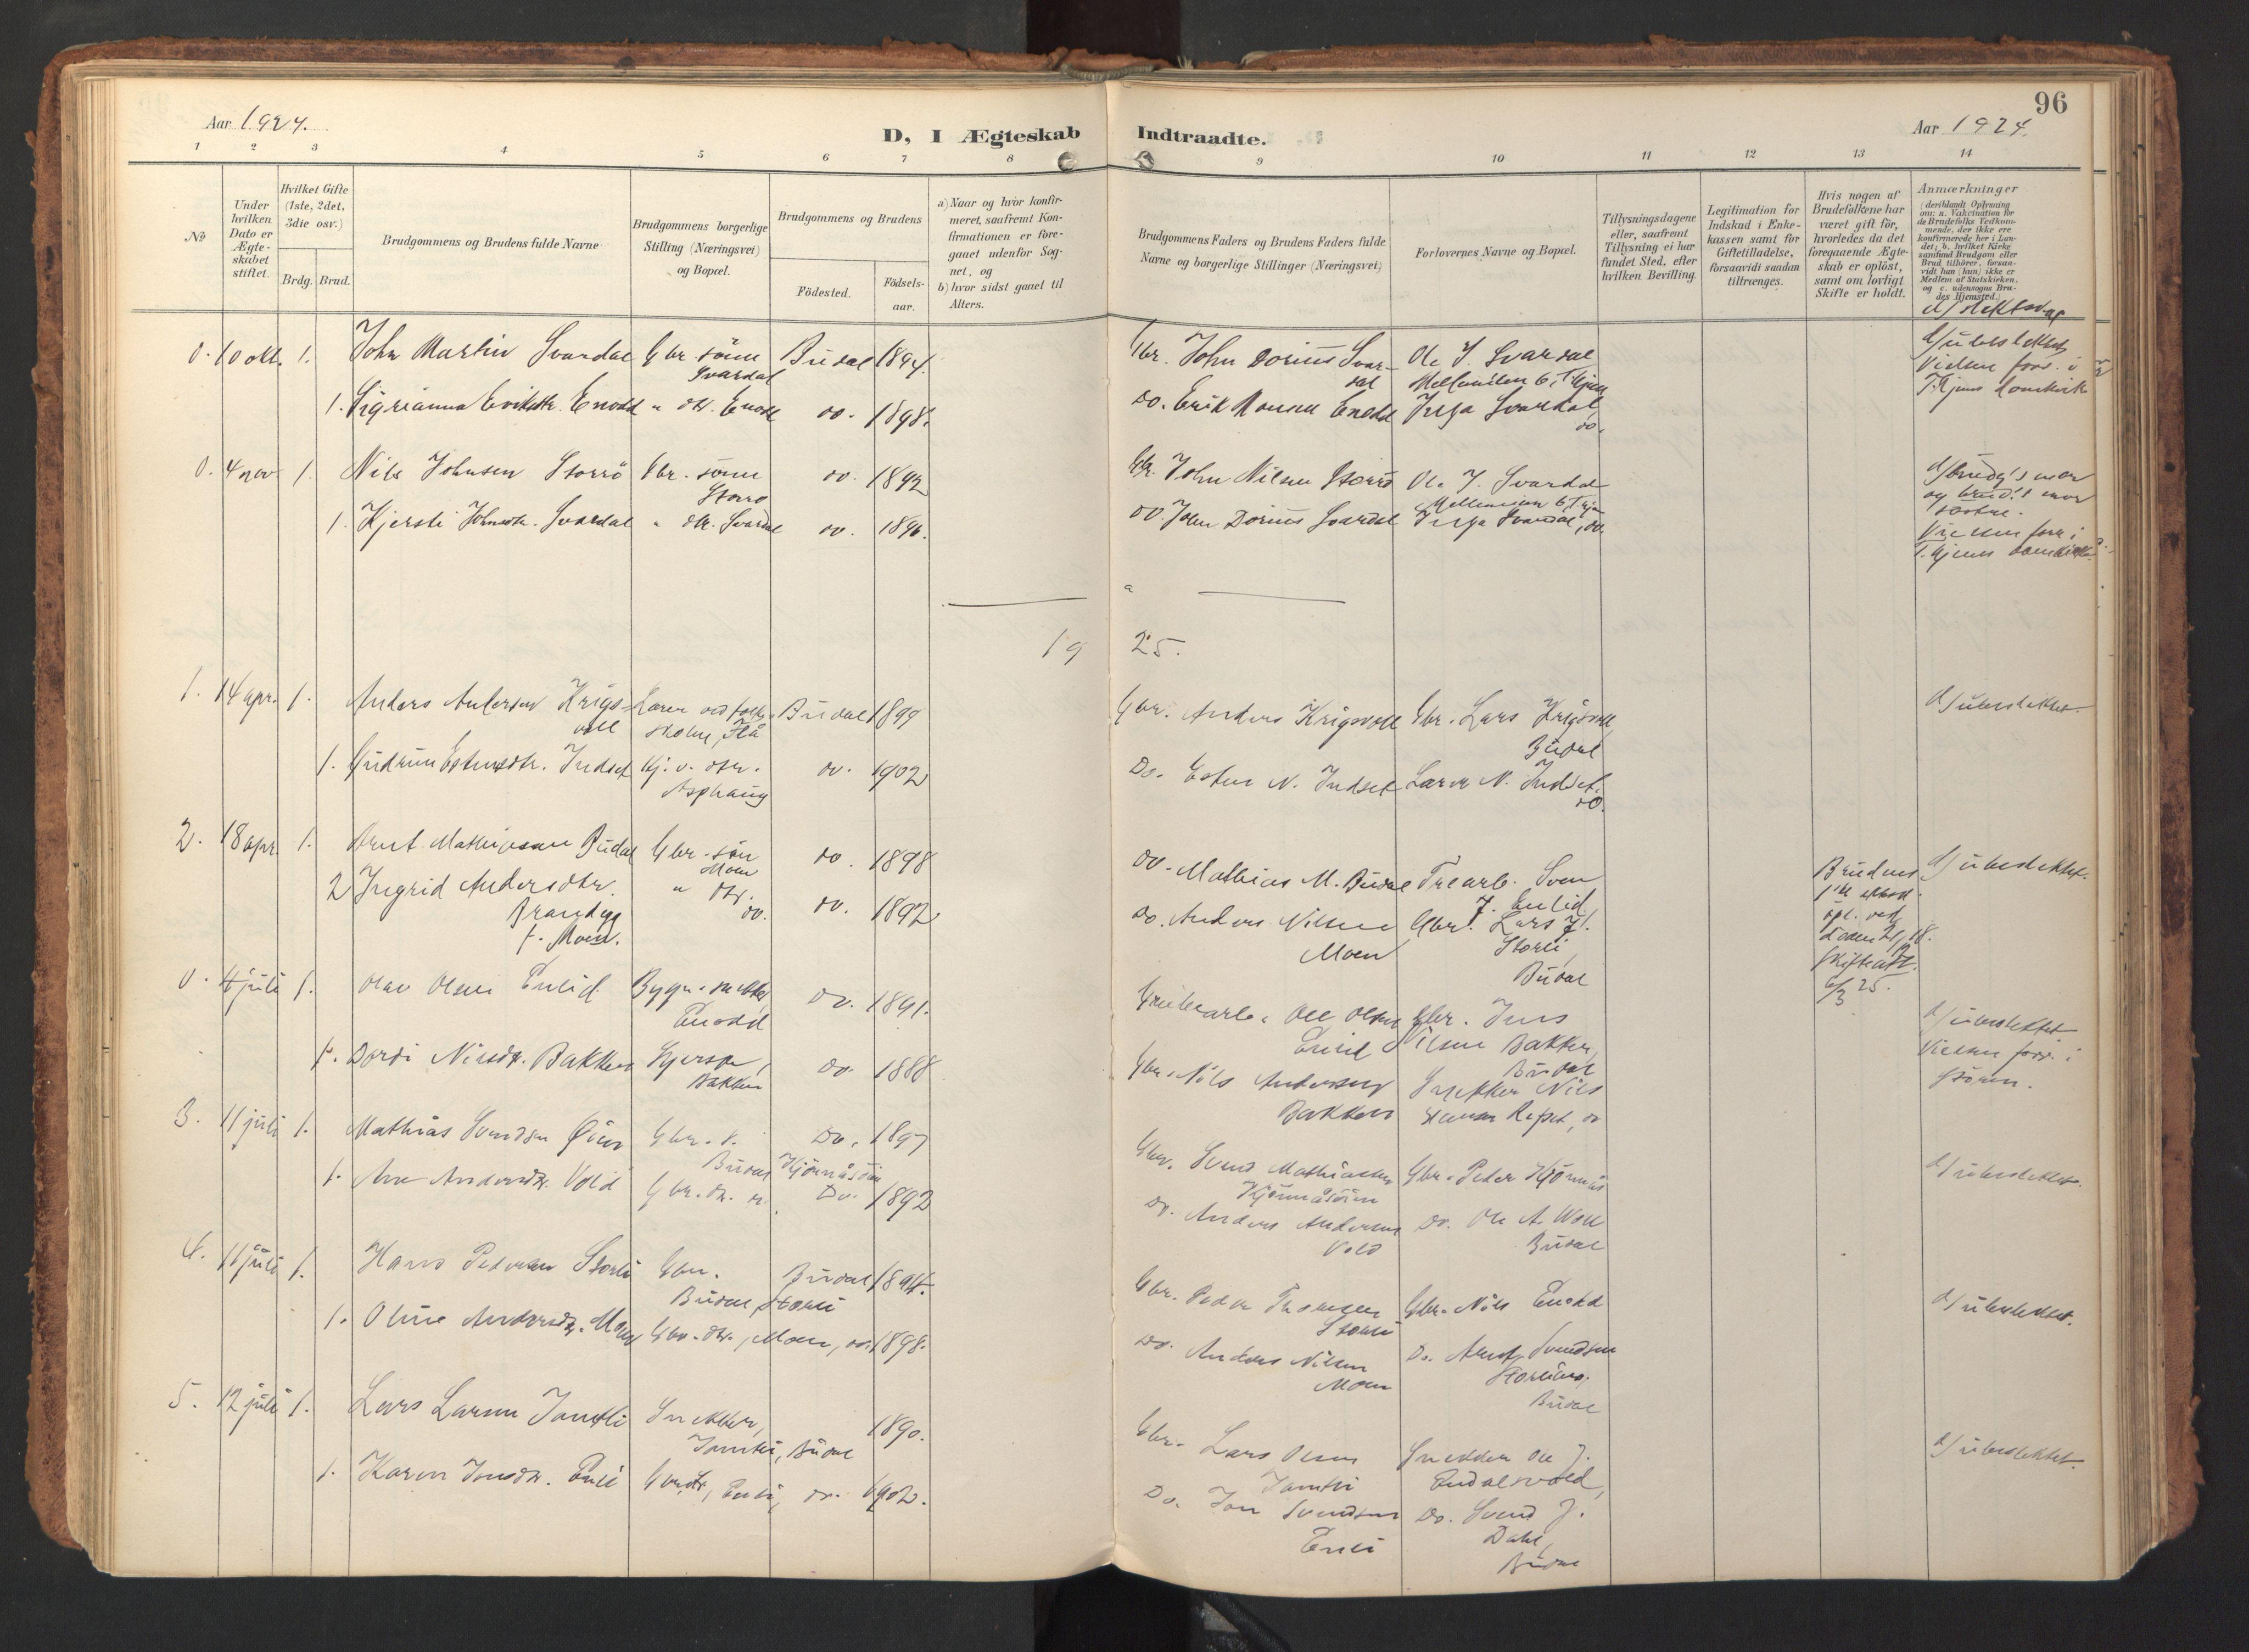 SAT, Ministerialprotokoller, klokkerbøker og fødselsregistre - Sør-Trøndelag, 690/L1050: Ministerialbok nr. 690A01, 1889-1929, s. 96